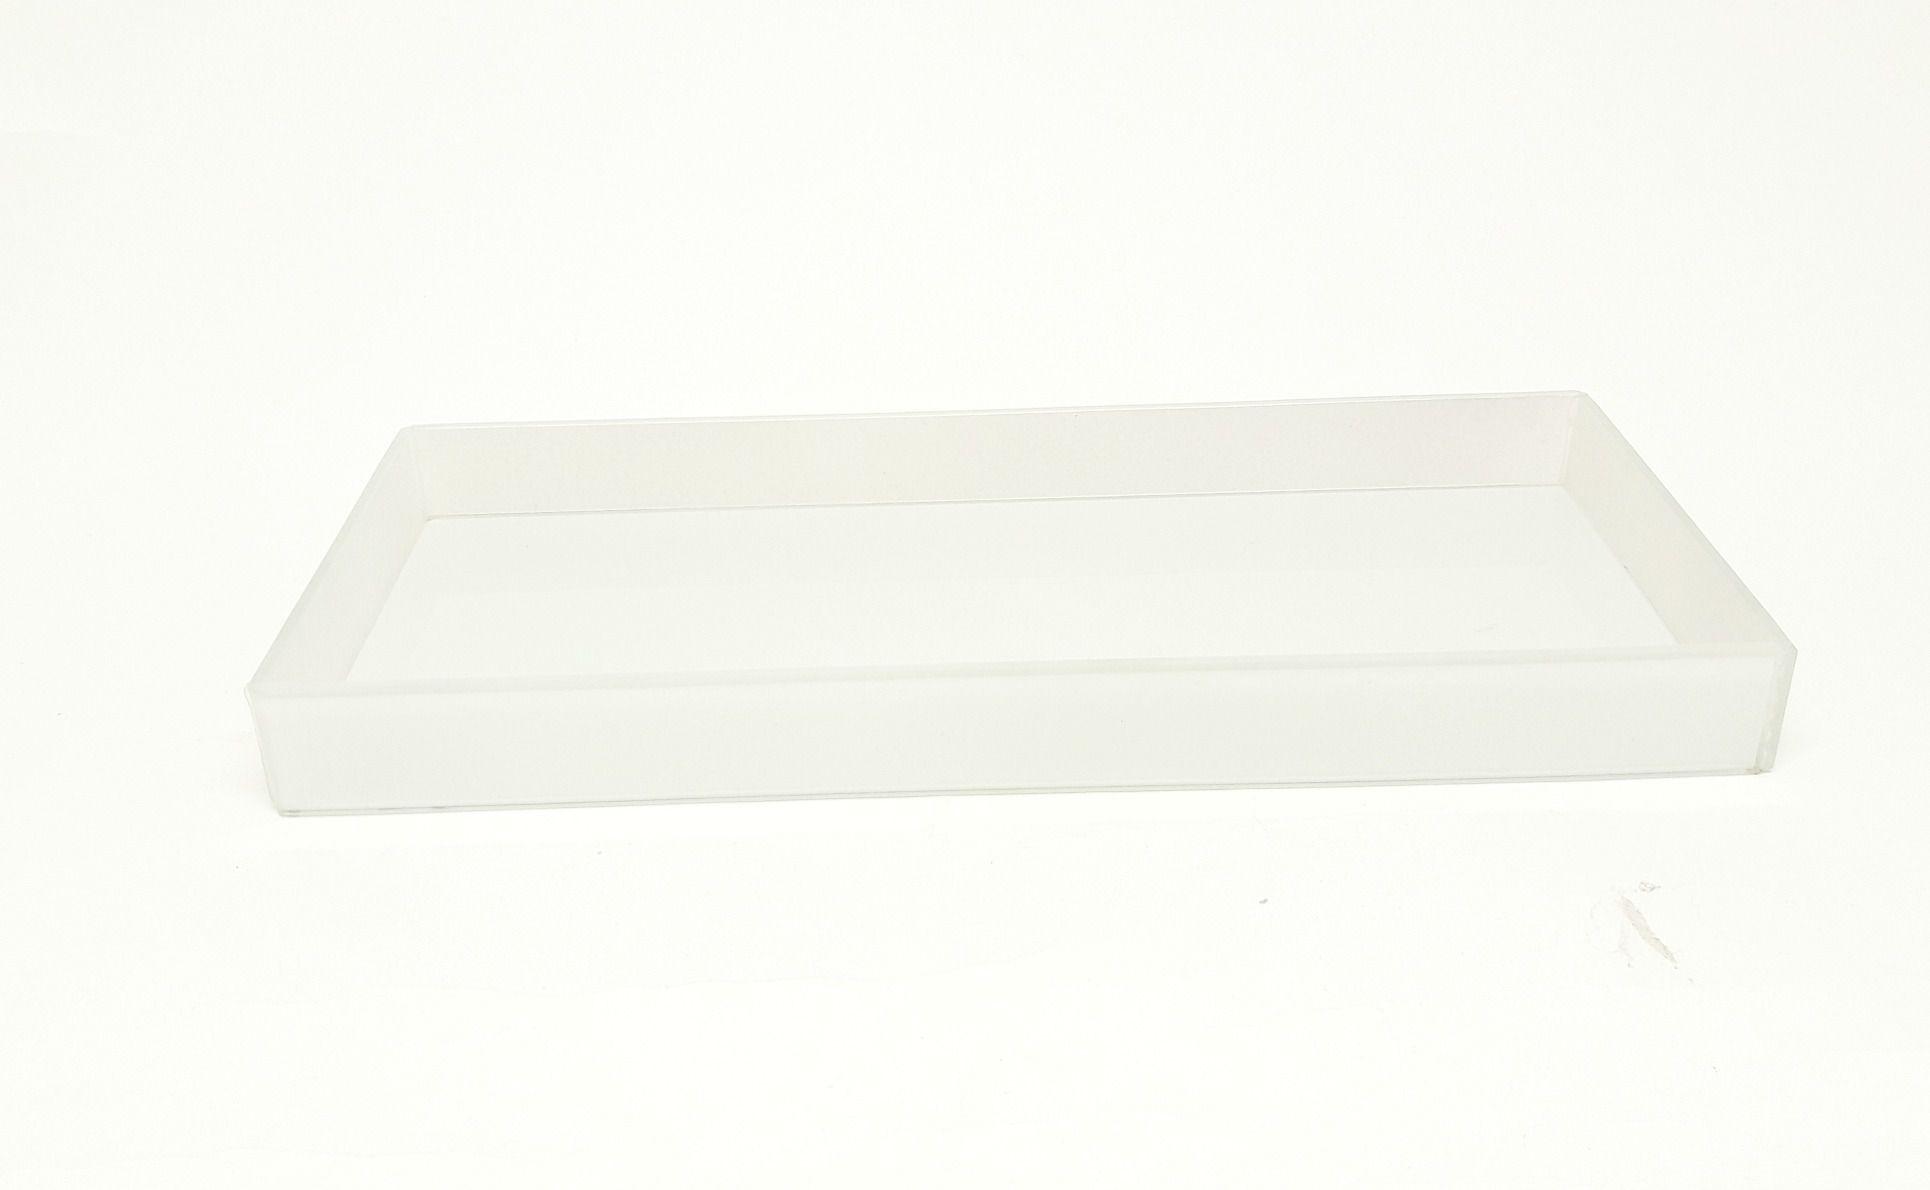 Bandeja Branca de Vidro para kit com 3 peças